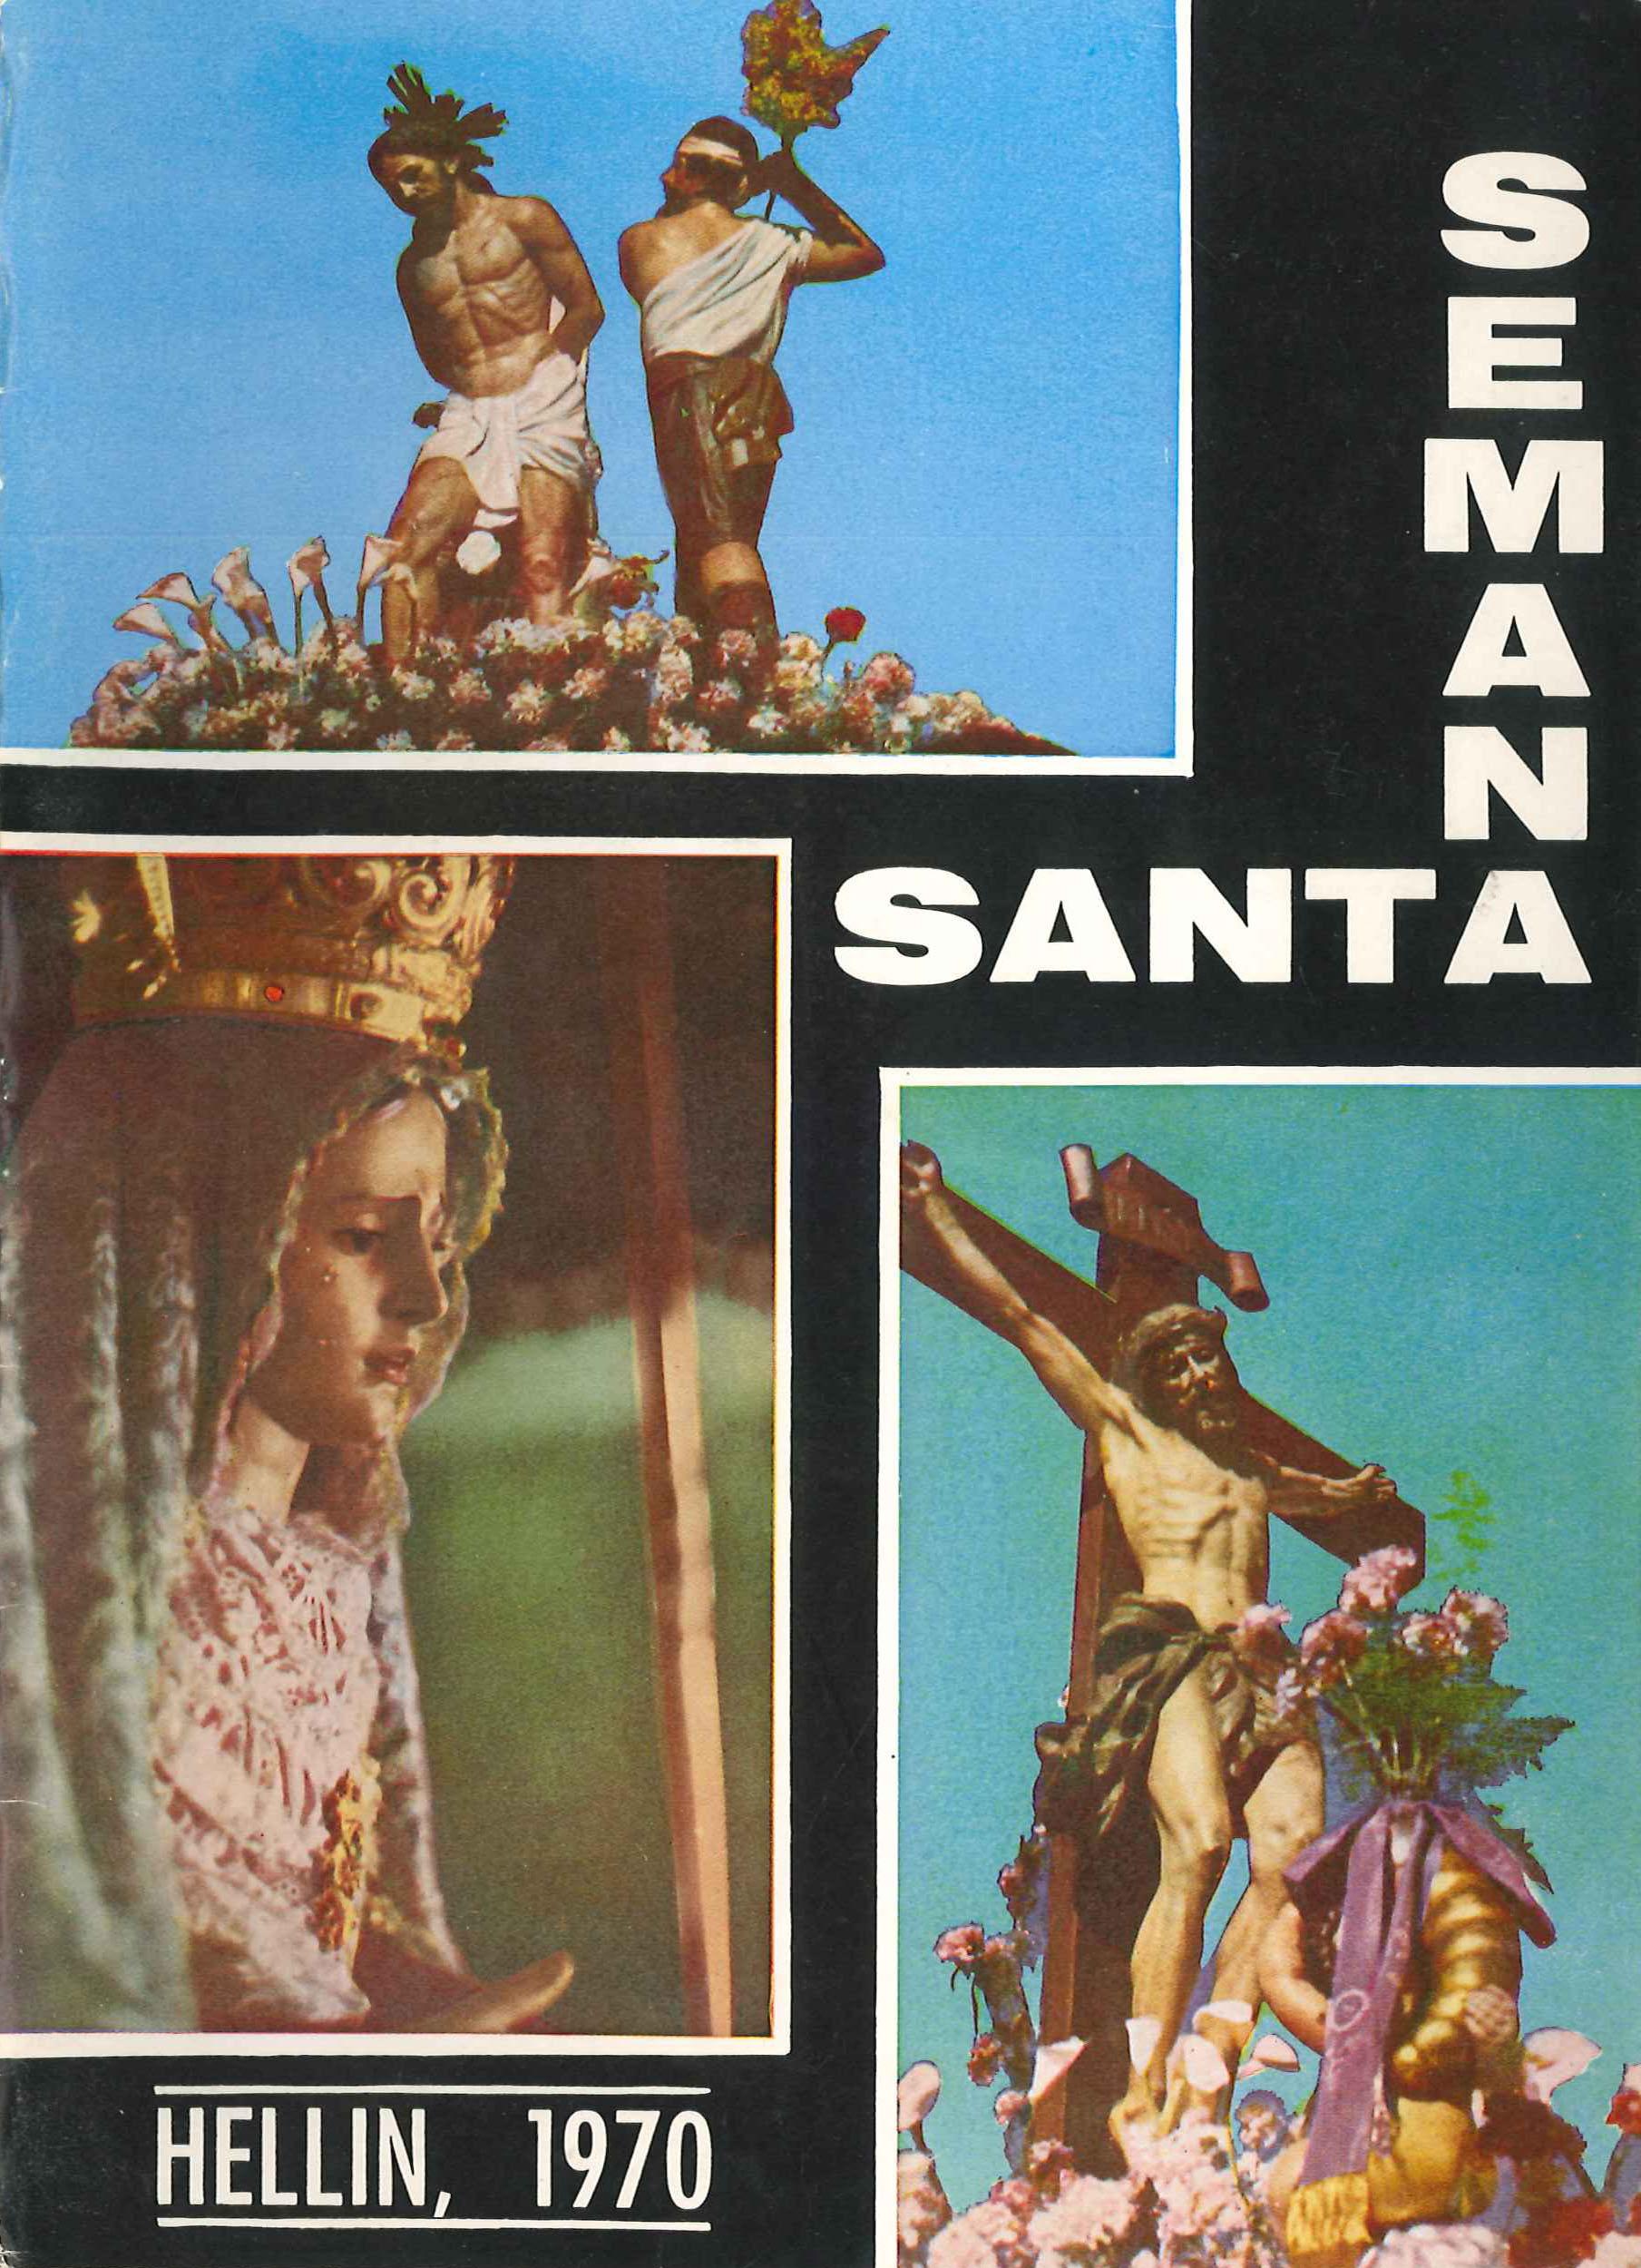 Programa de Actos de Semana Santa de Hellín - 1970